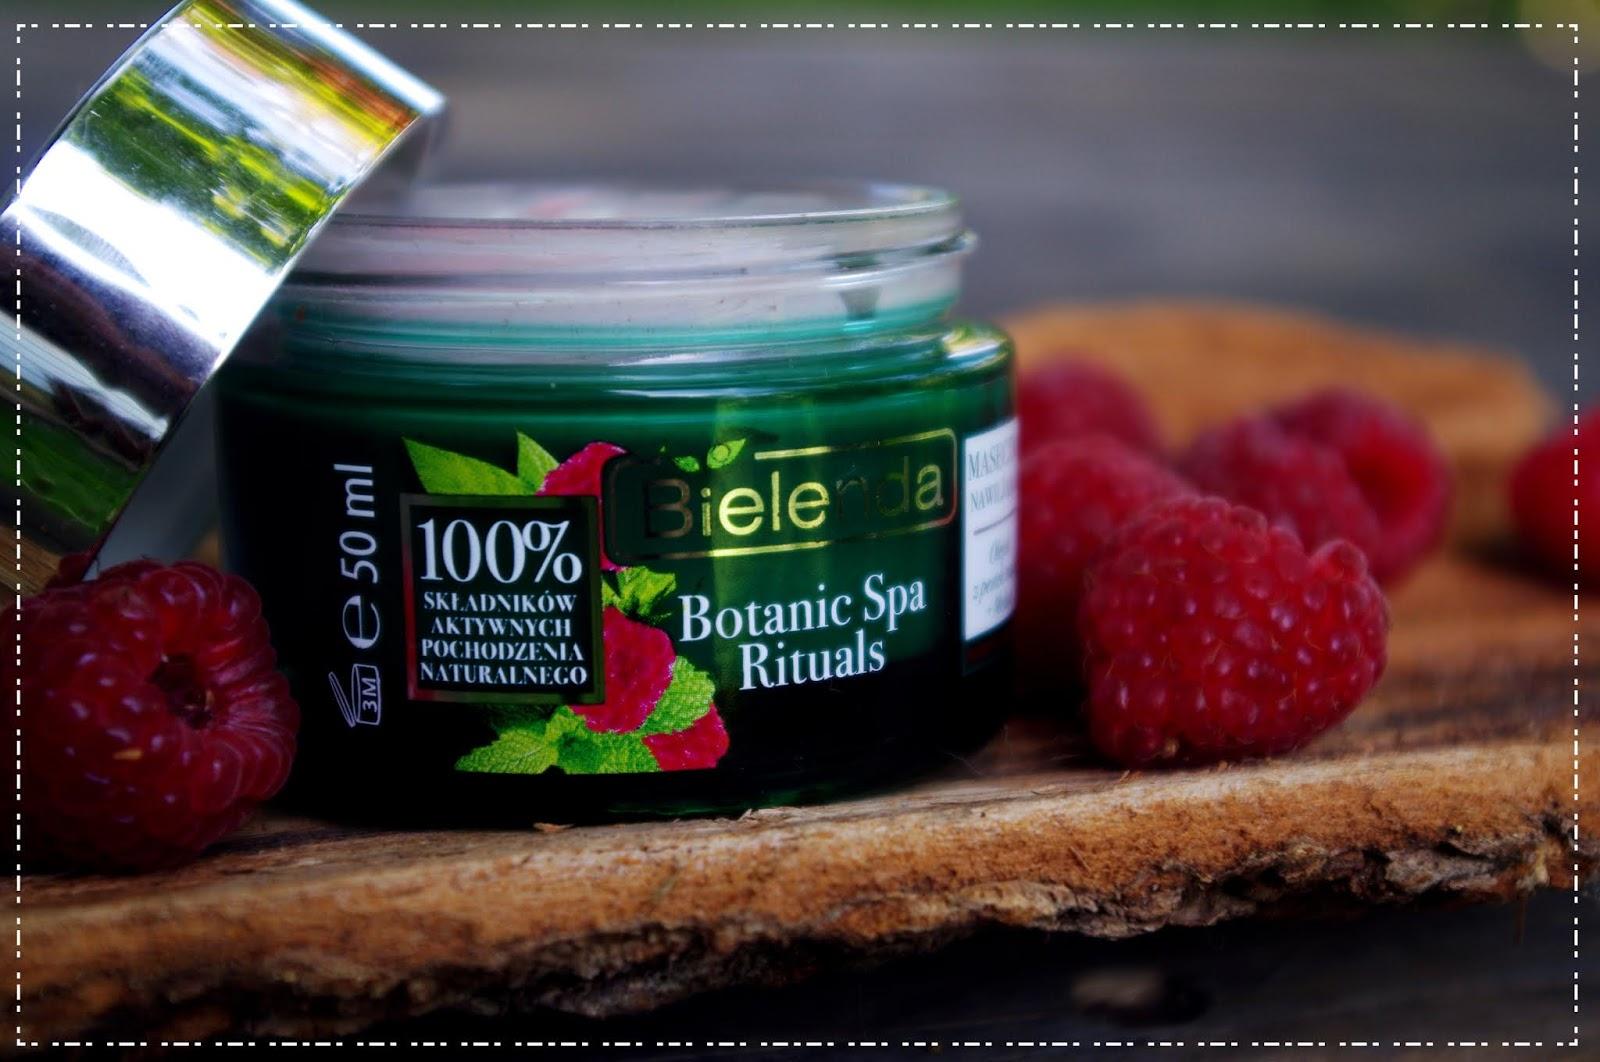 Botanic Spa Rituals Maseczka nawilżająca olejek z pestek malin & melisa - Bielenda